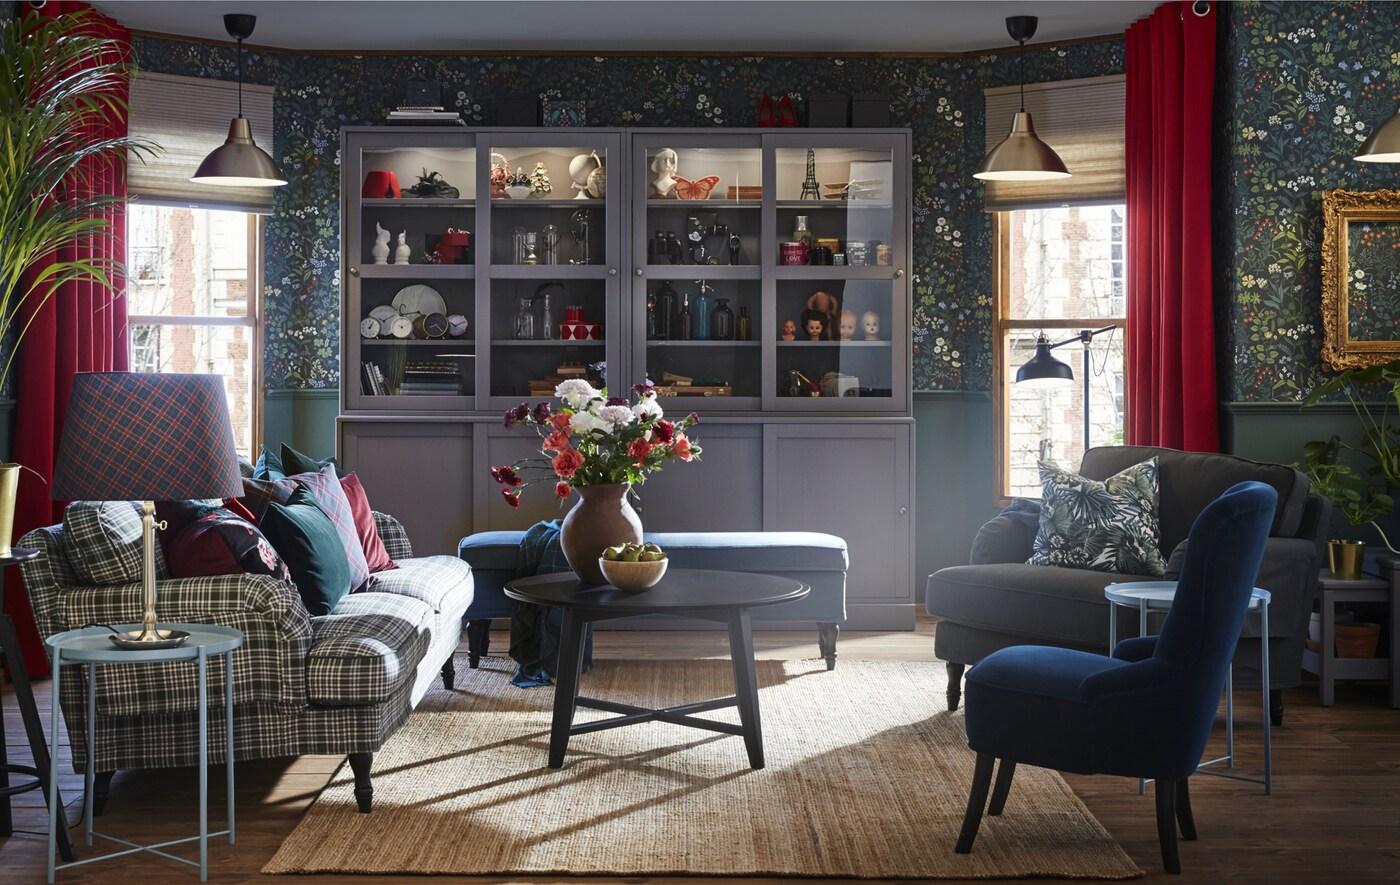 Wohnzimmer Für Gäste Dekorieren: Ideen Für Dein Zuhause